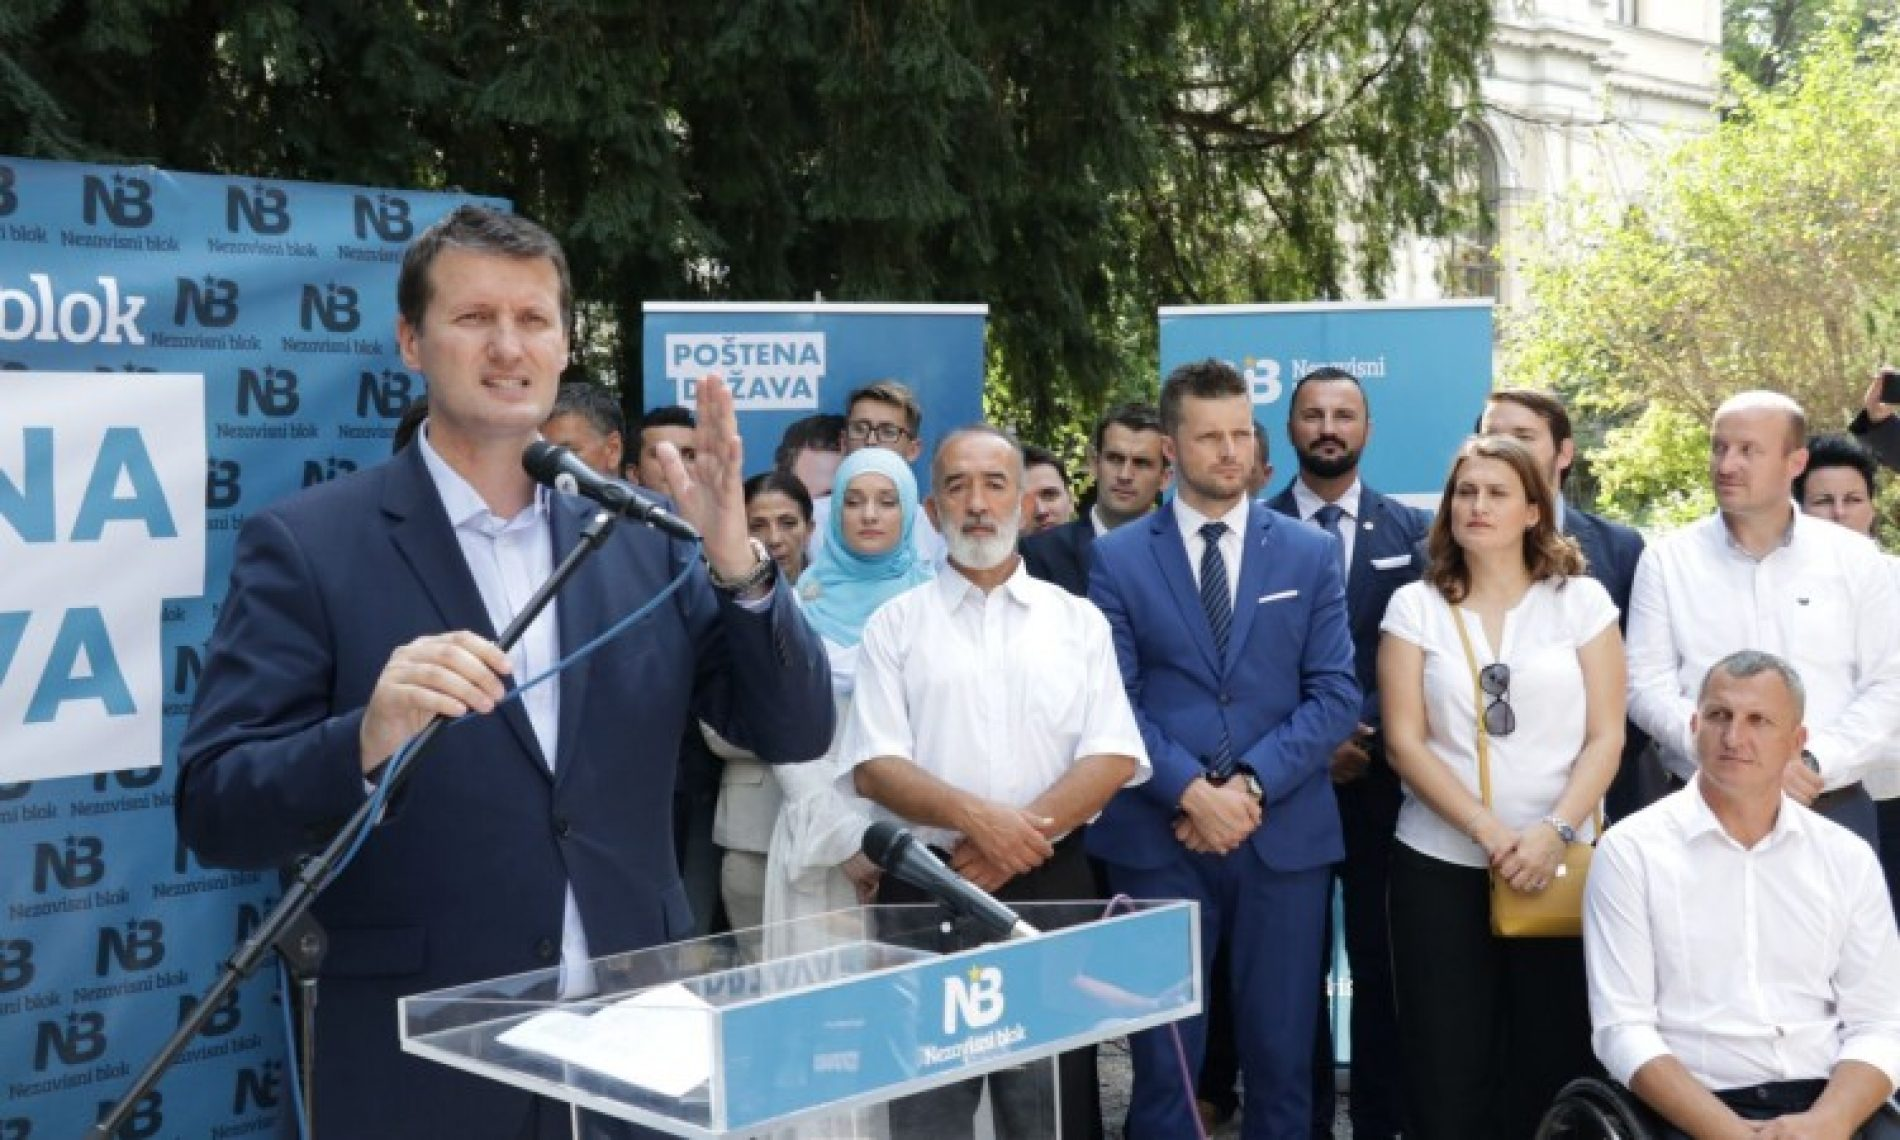 Šepić: Narod u Bosni i Hercegovini je svjestan da nam treba nova politika